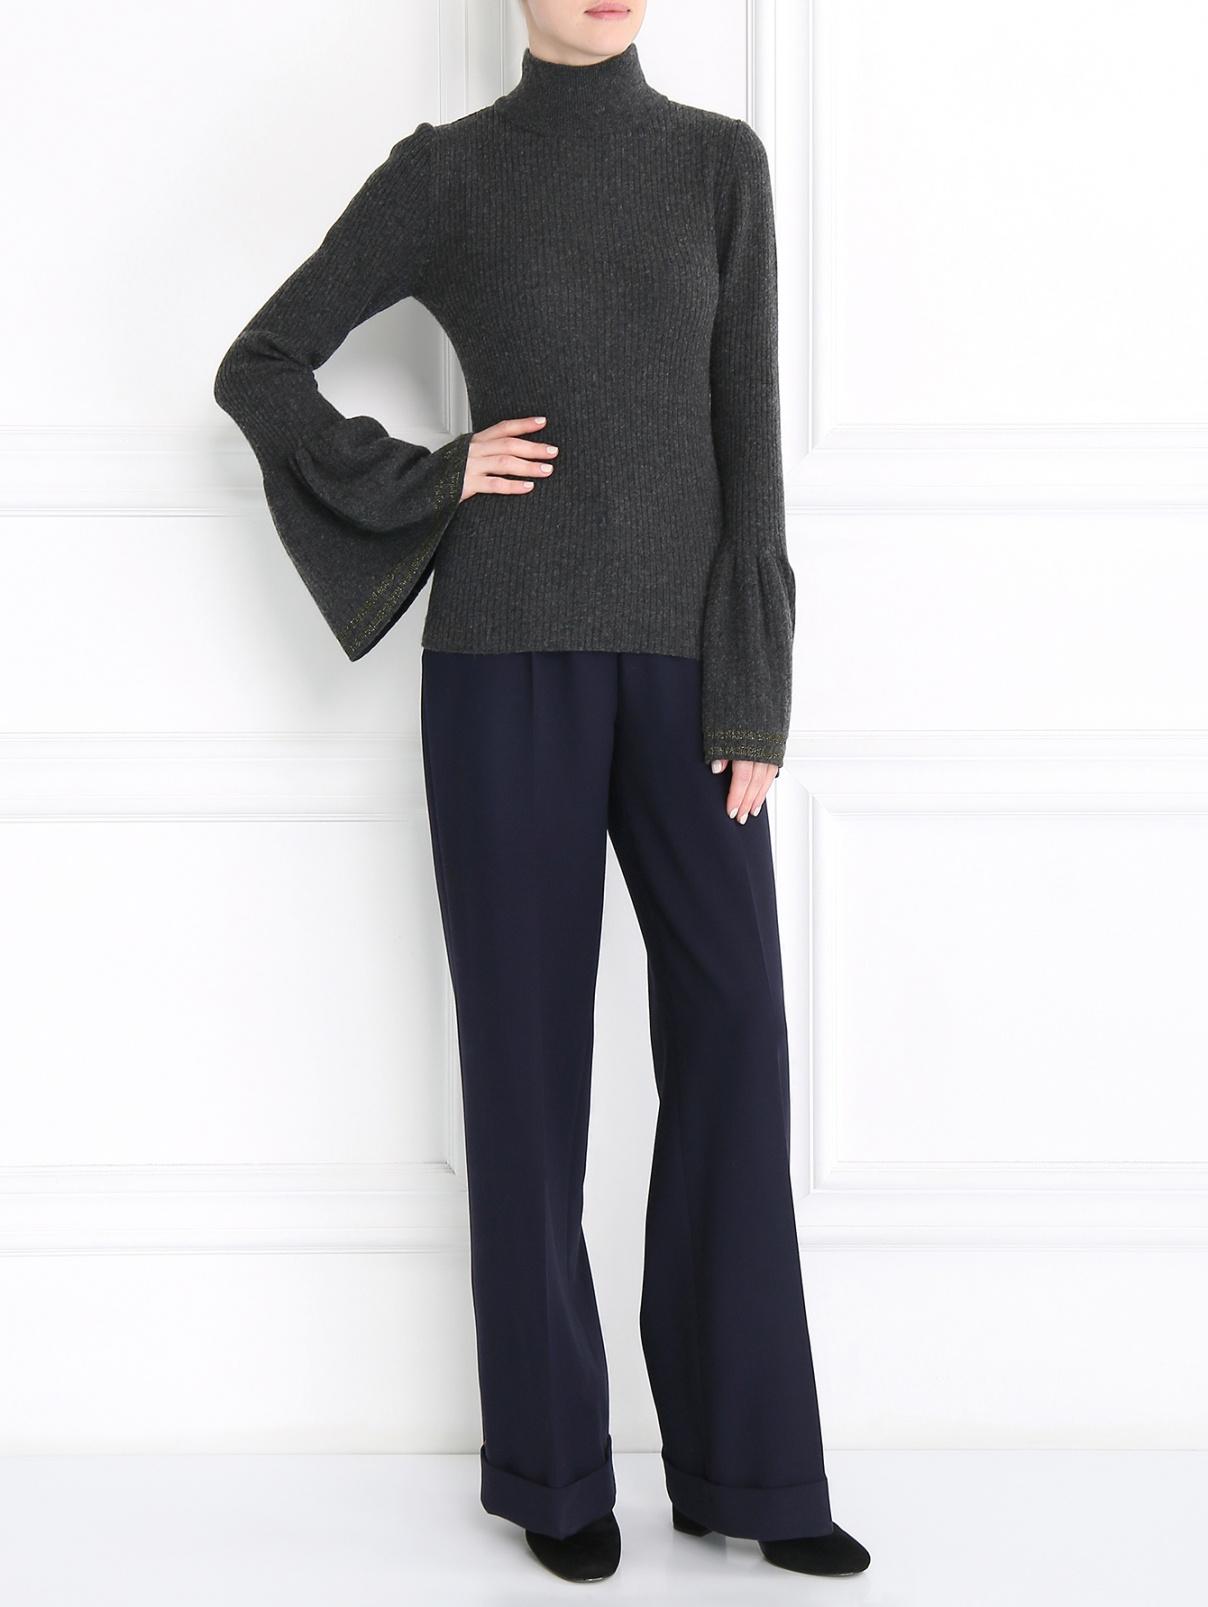 Джемпер с манжетами на рукавах Alysi  –  Модель Общий вид  – Цвет:  Серый